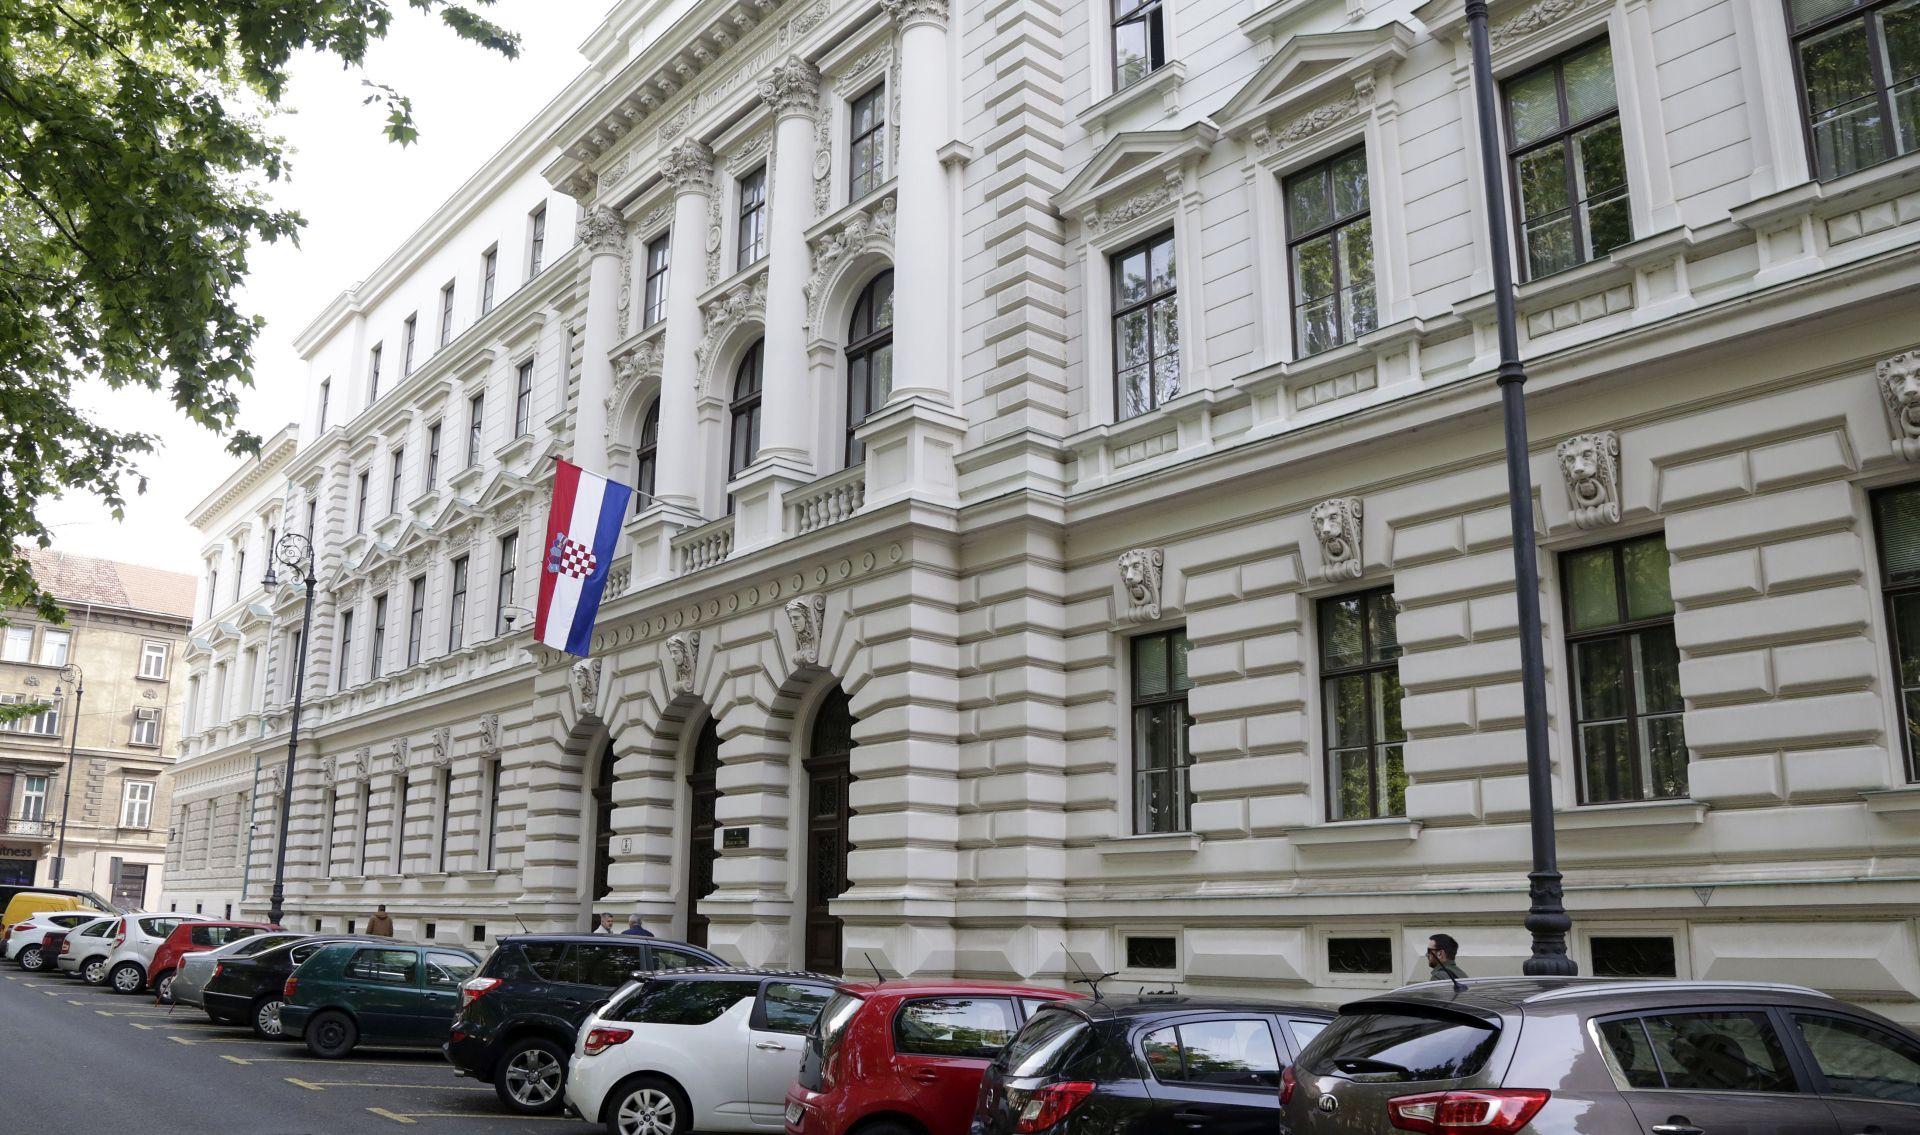 DSV razgovarao s kandidatima za predsjednika zagrebačkog Županijskog suda